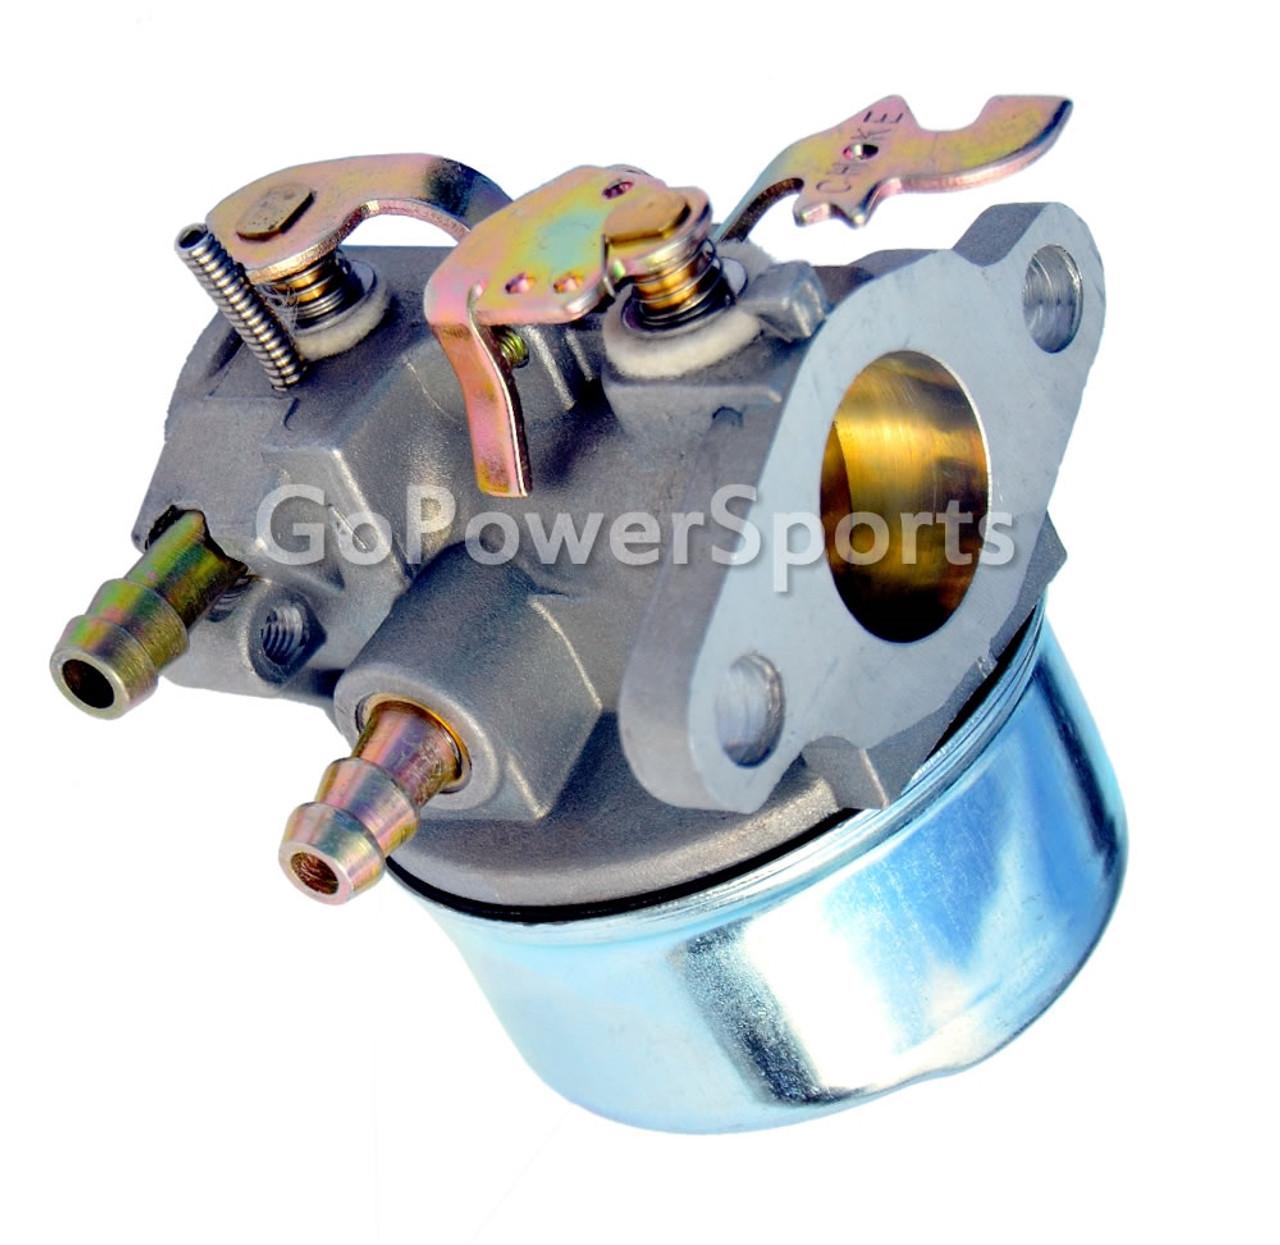 Tecumseh Carburetor (Choke style) 5Hp - 6 5Hp